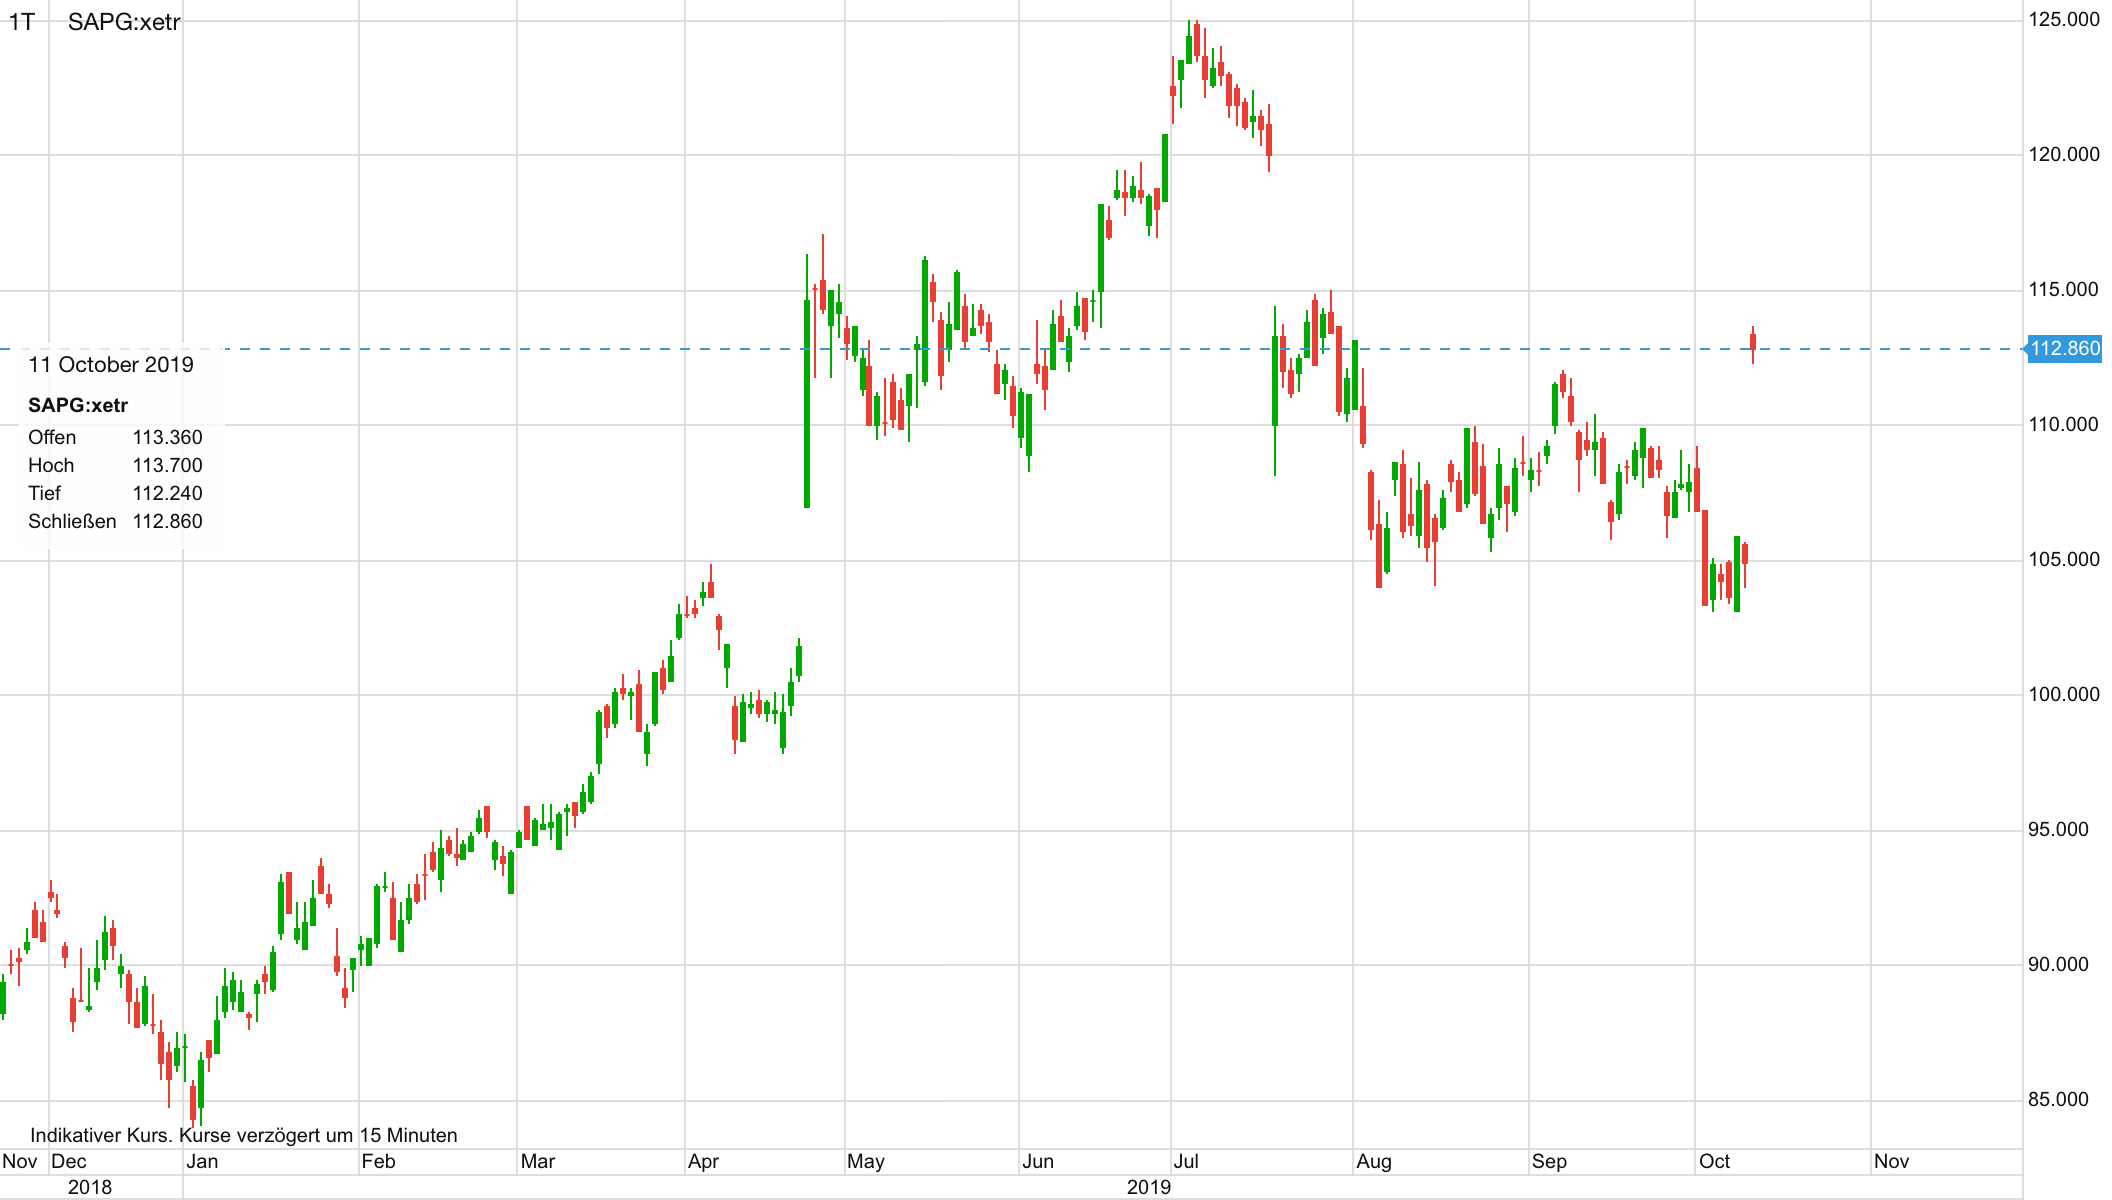 Verlauf SAP-Aktie seit Ende 2018